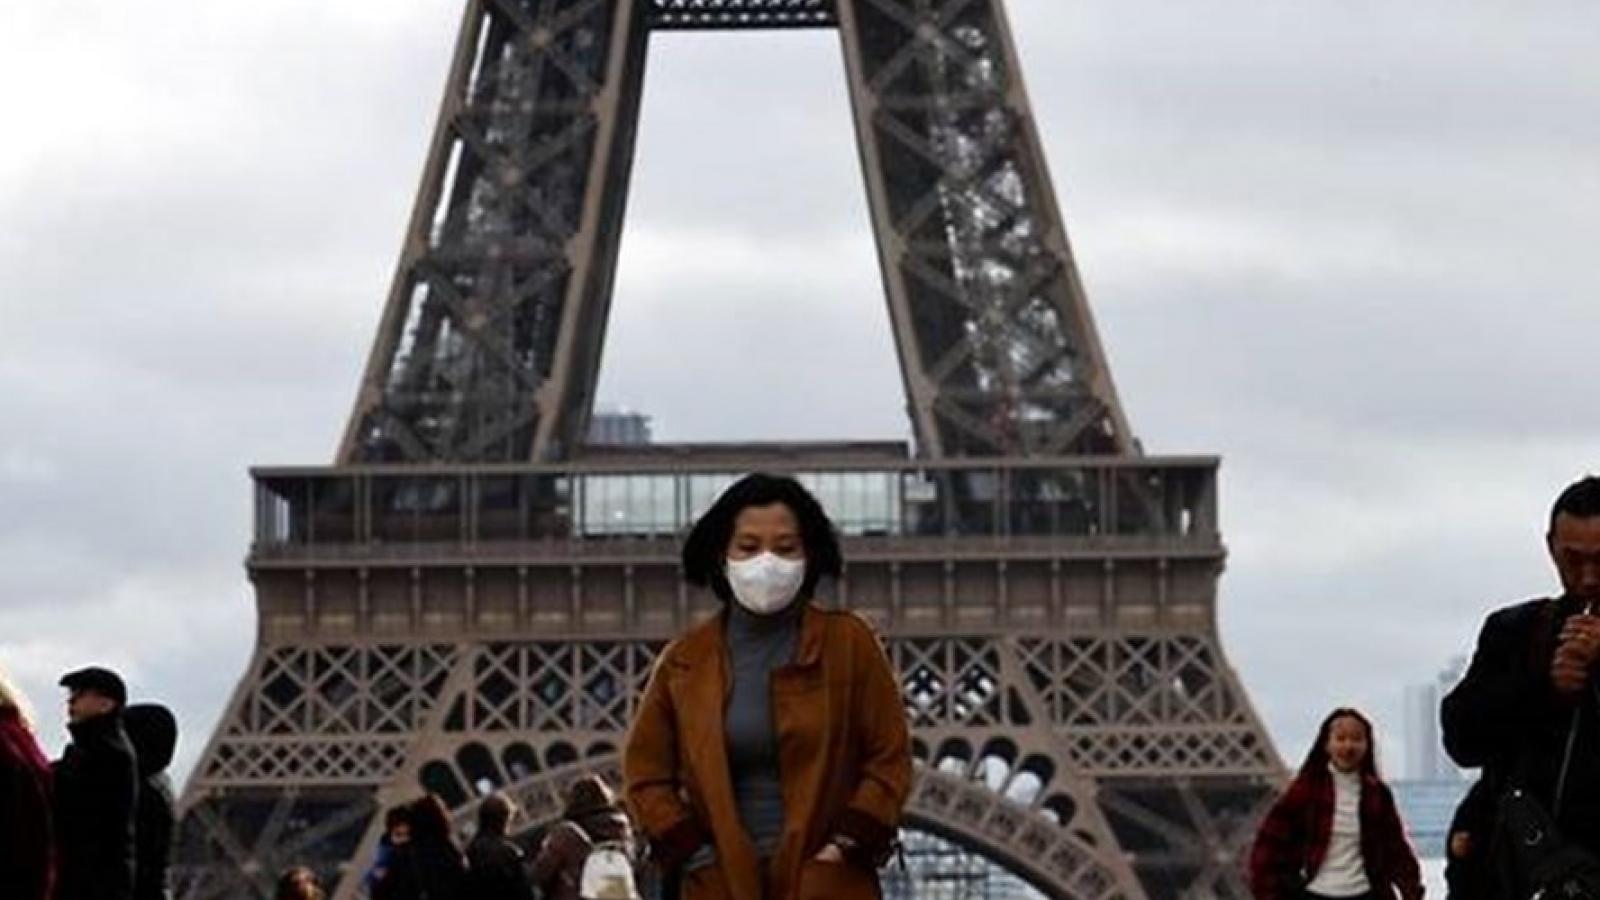 Pháp ghi nhận mức kỷ lục hơn 16.000 ca mắc Covid-19 trong một ngày